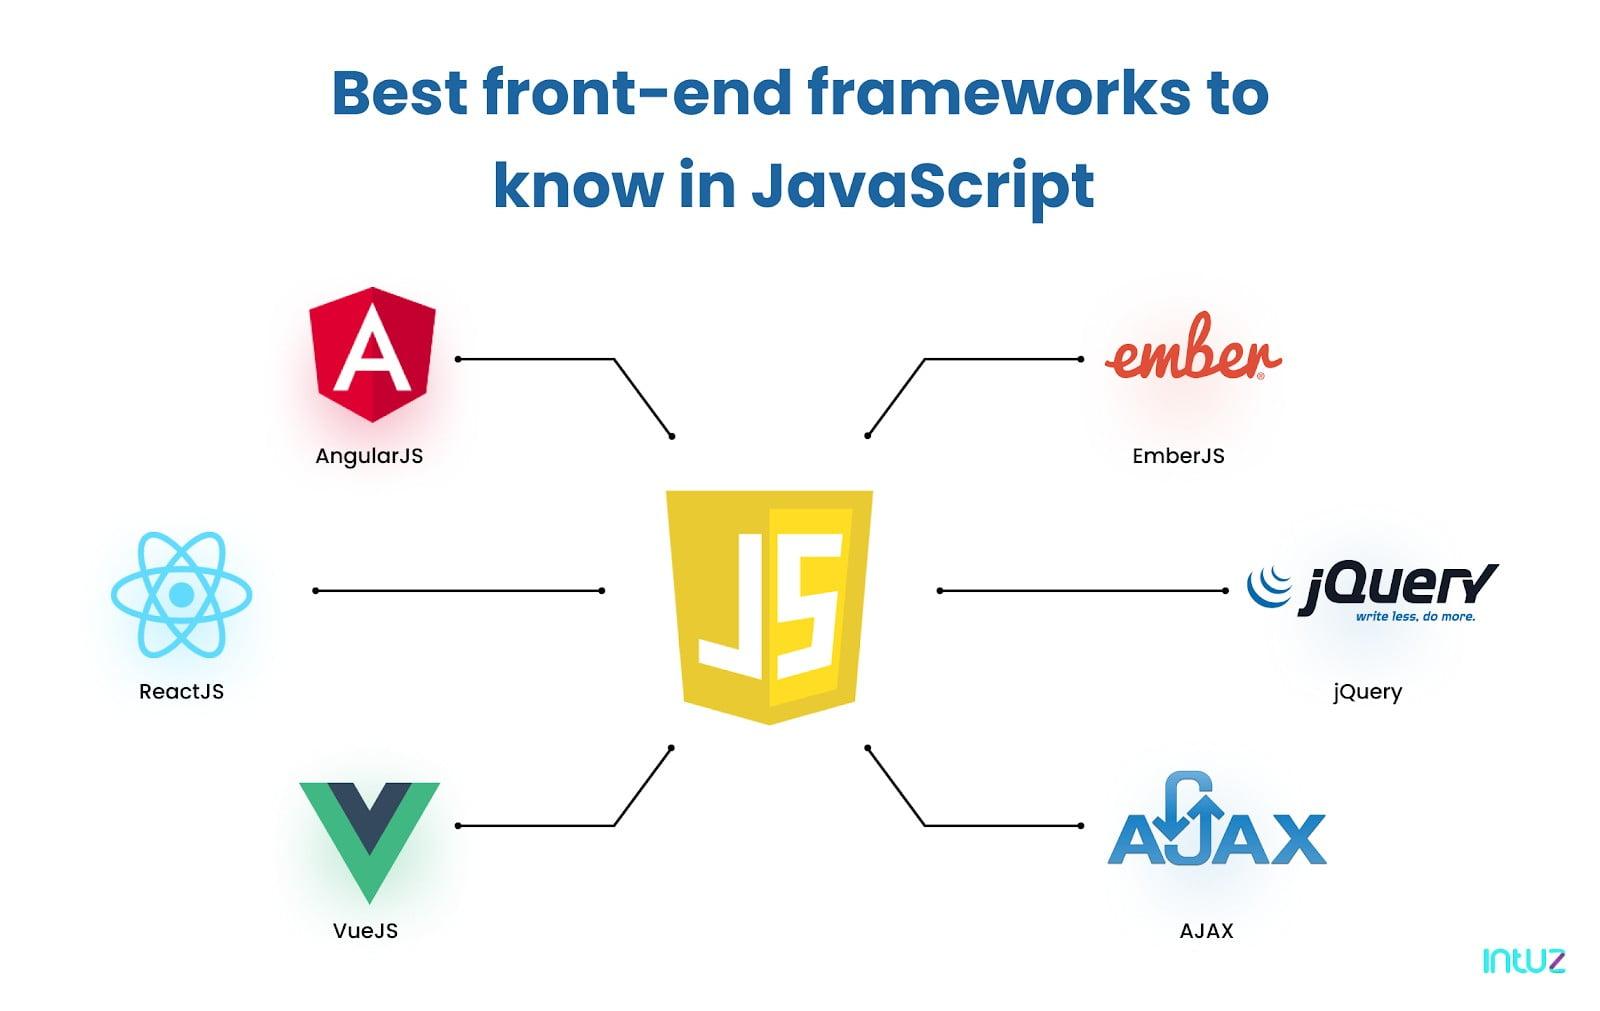 Best front-end frameworks in JavaScript